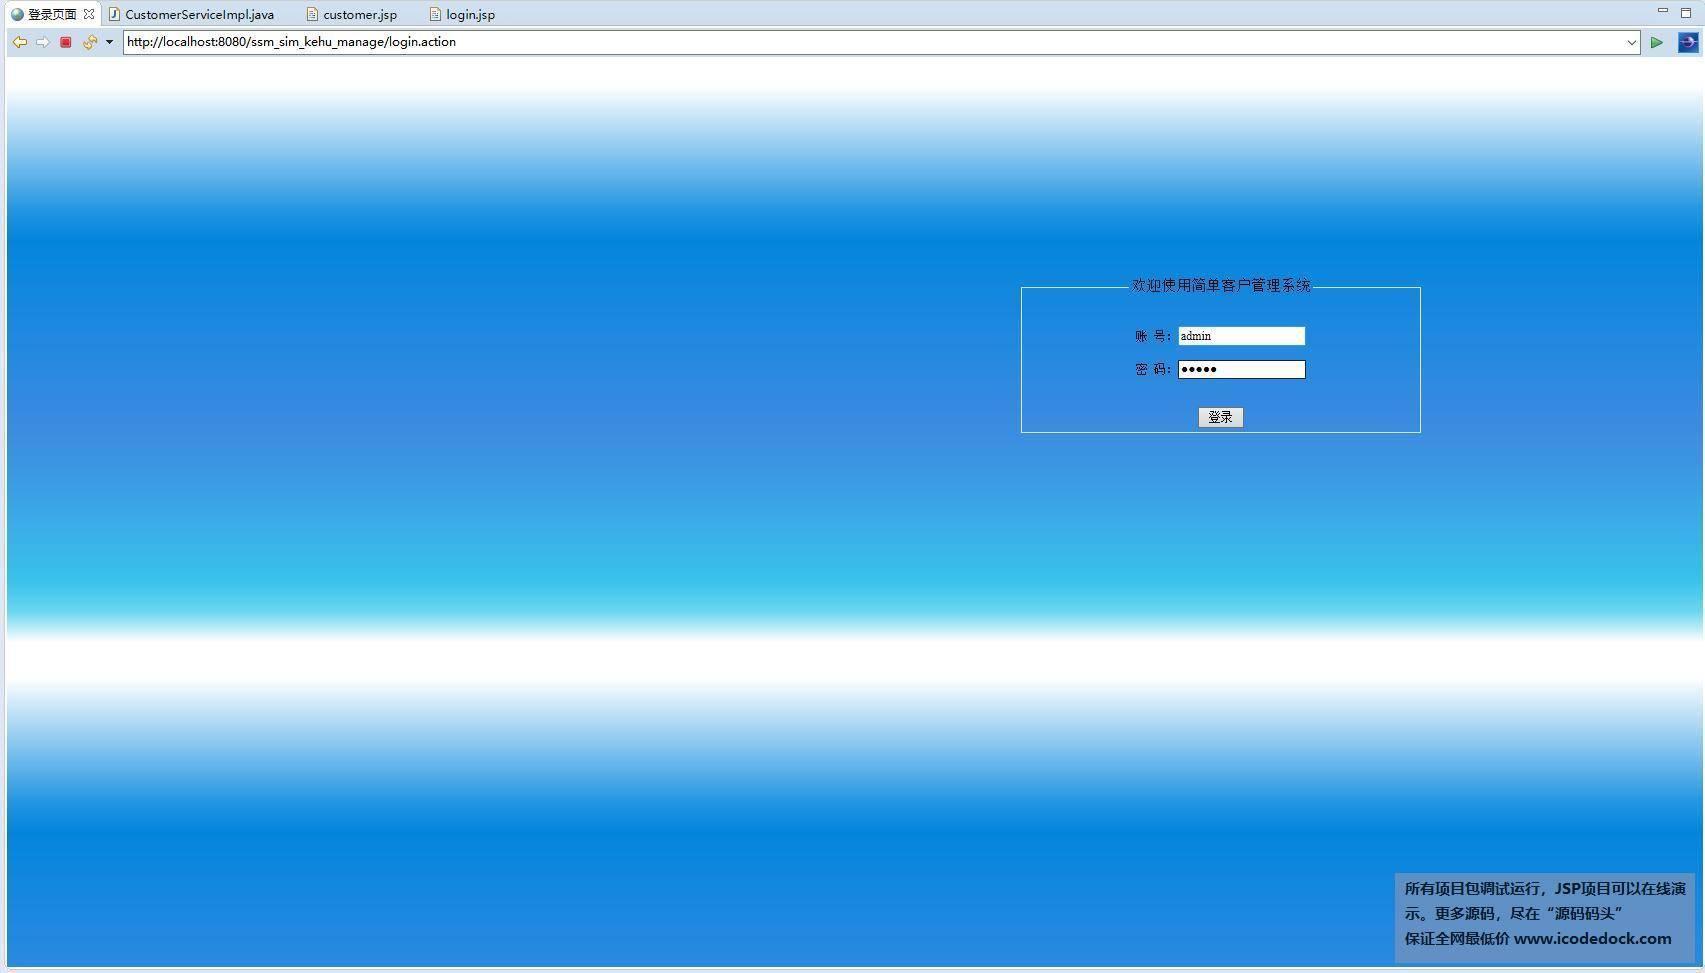 源码码头-SSM简单客户管理系统-管理员角色-管理员登录